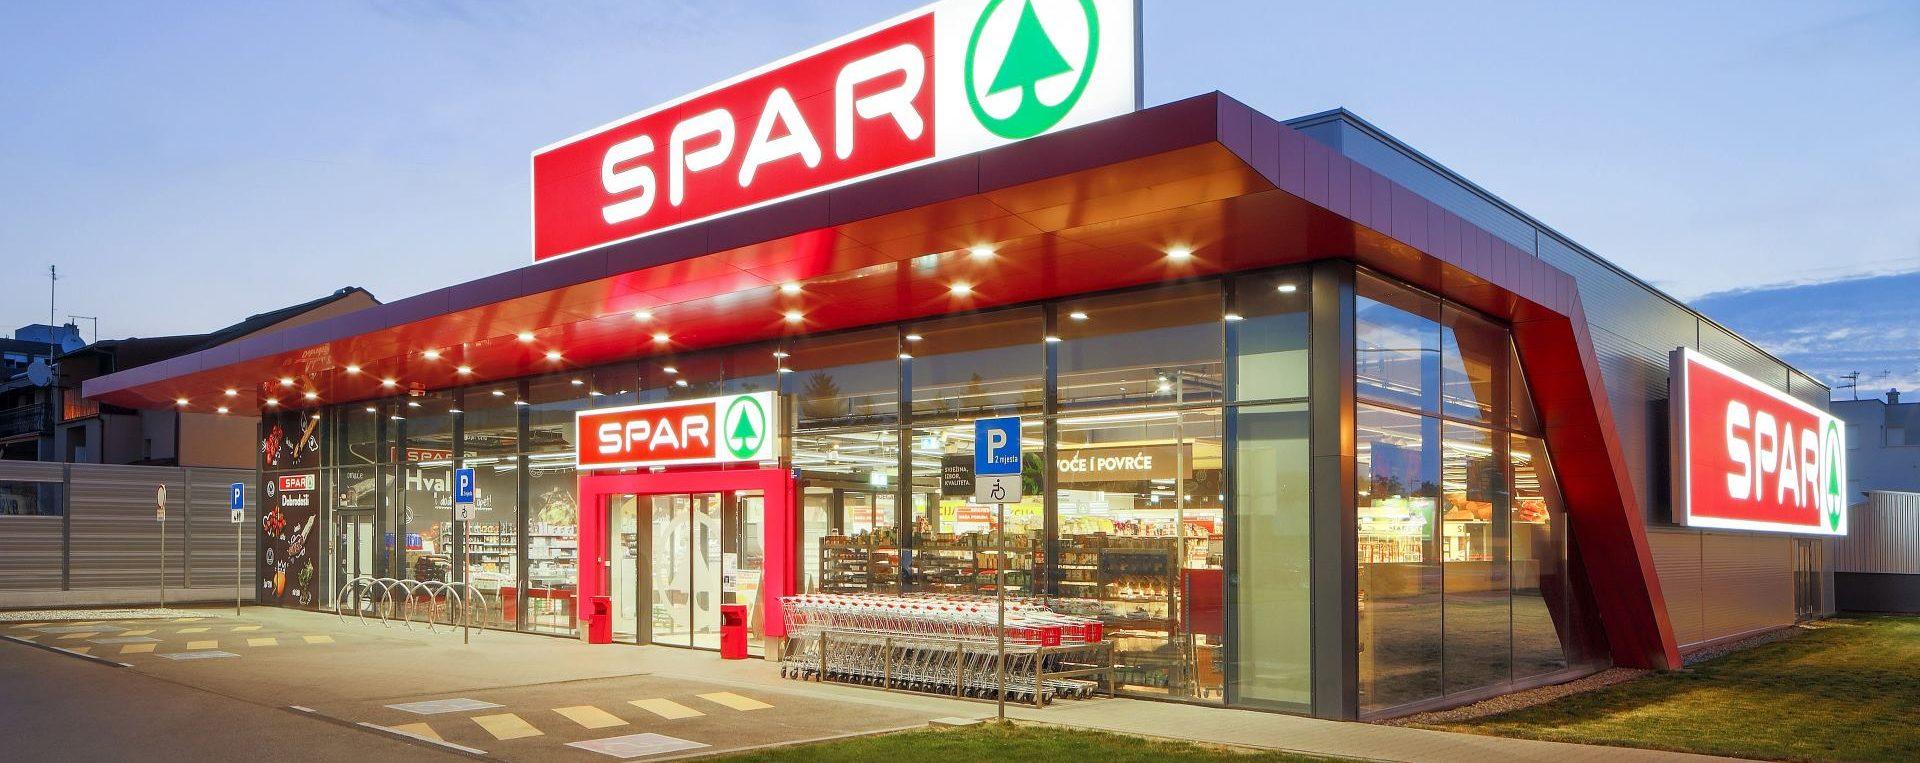 SPAR supermarket u Riječkoj ulici se privremeno zatvara zbog radova na rotoru